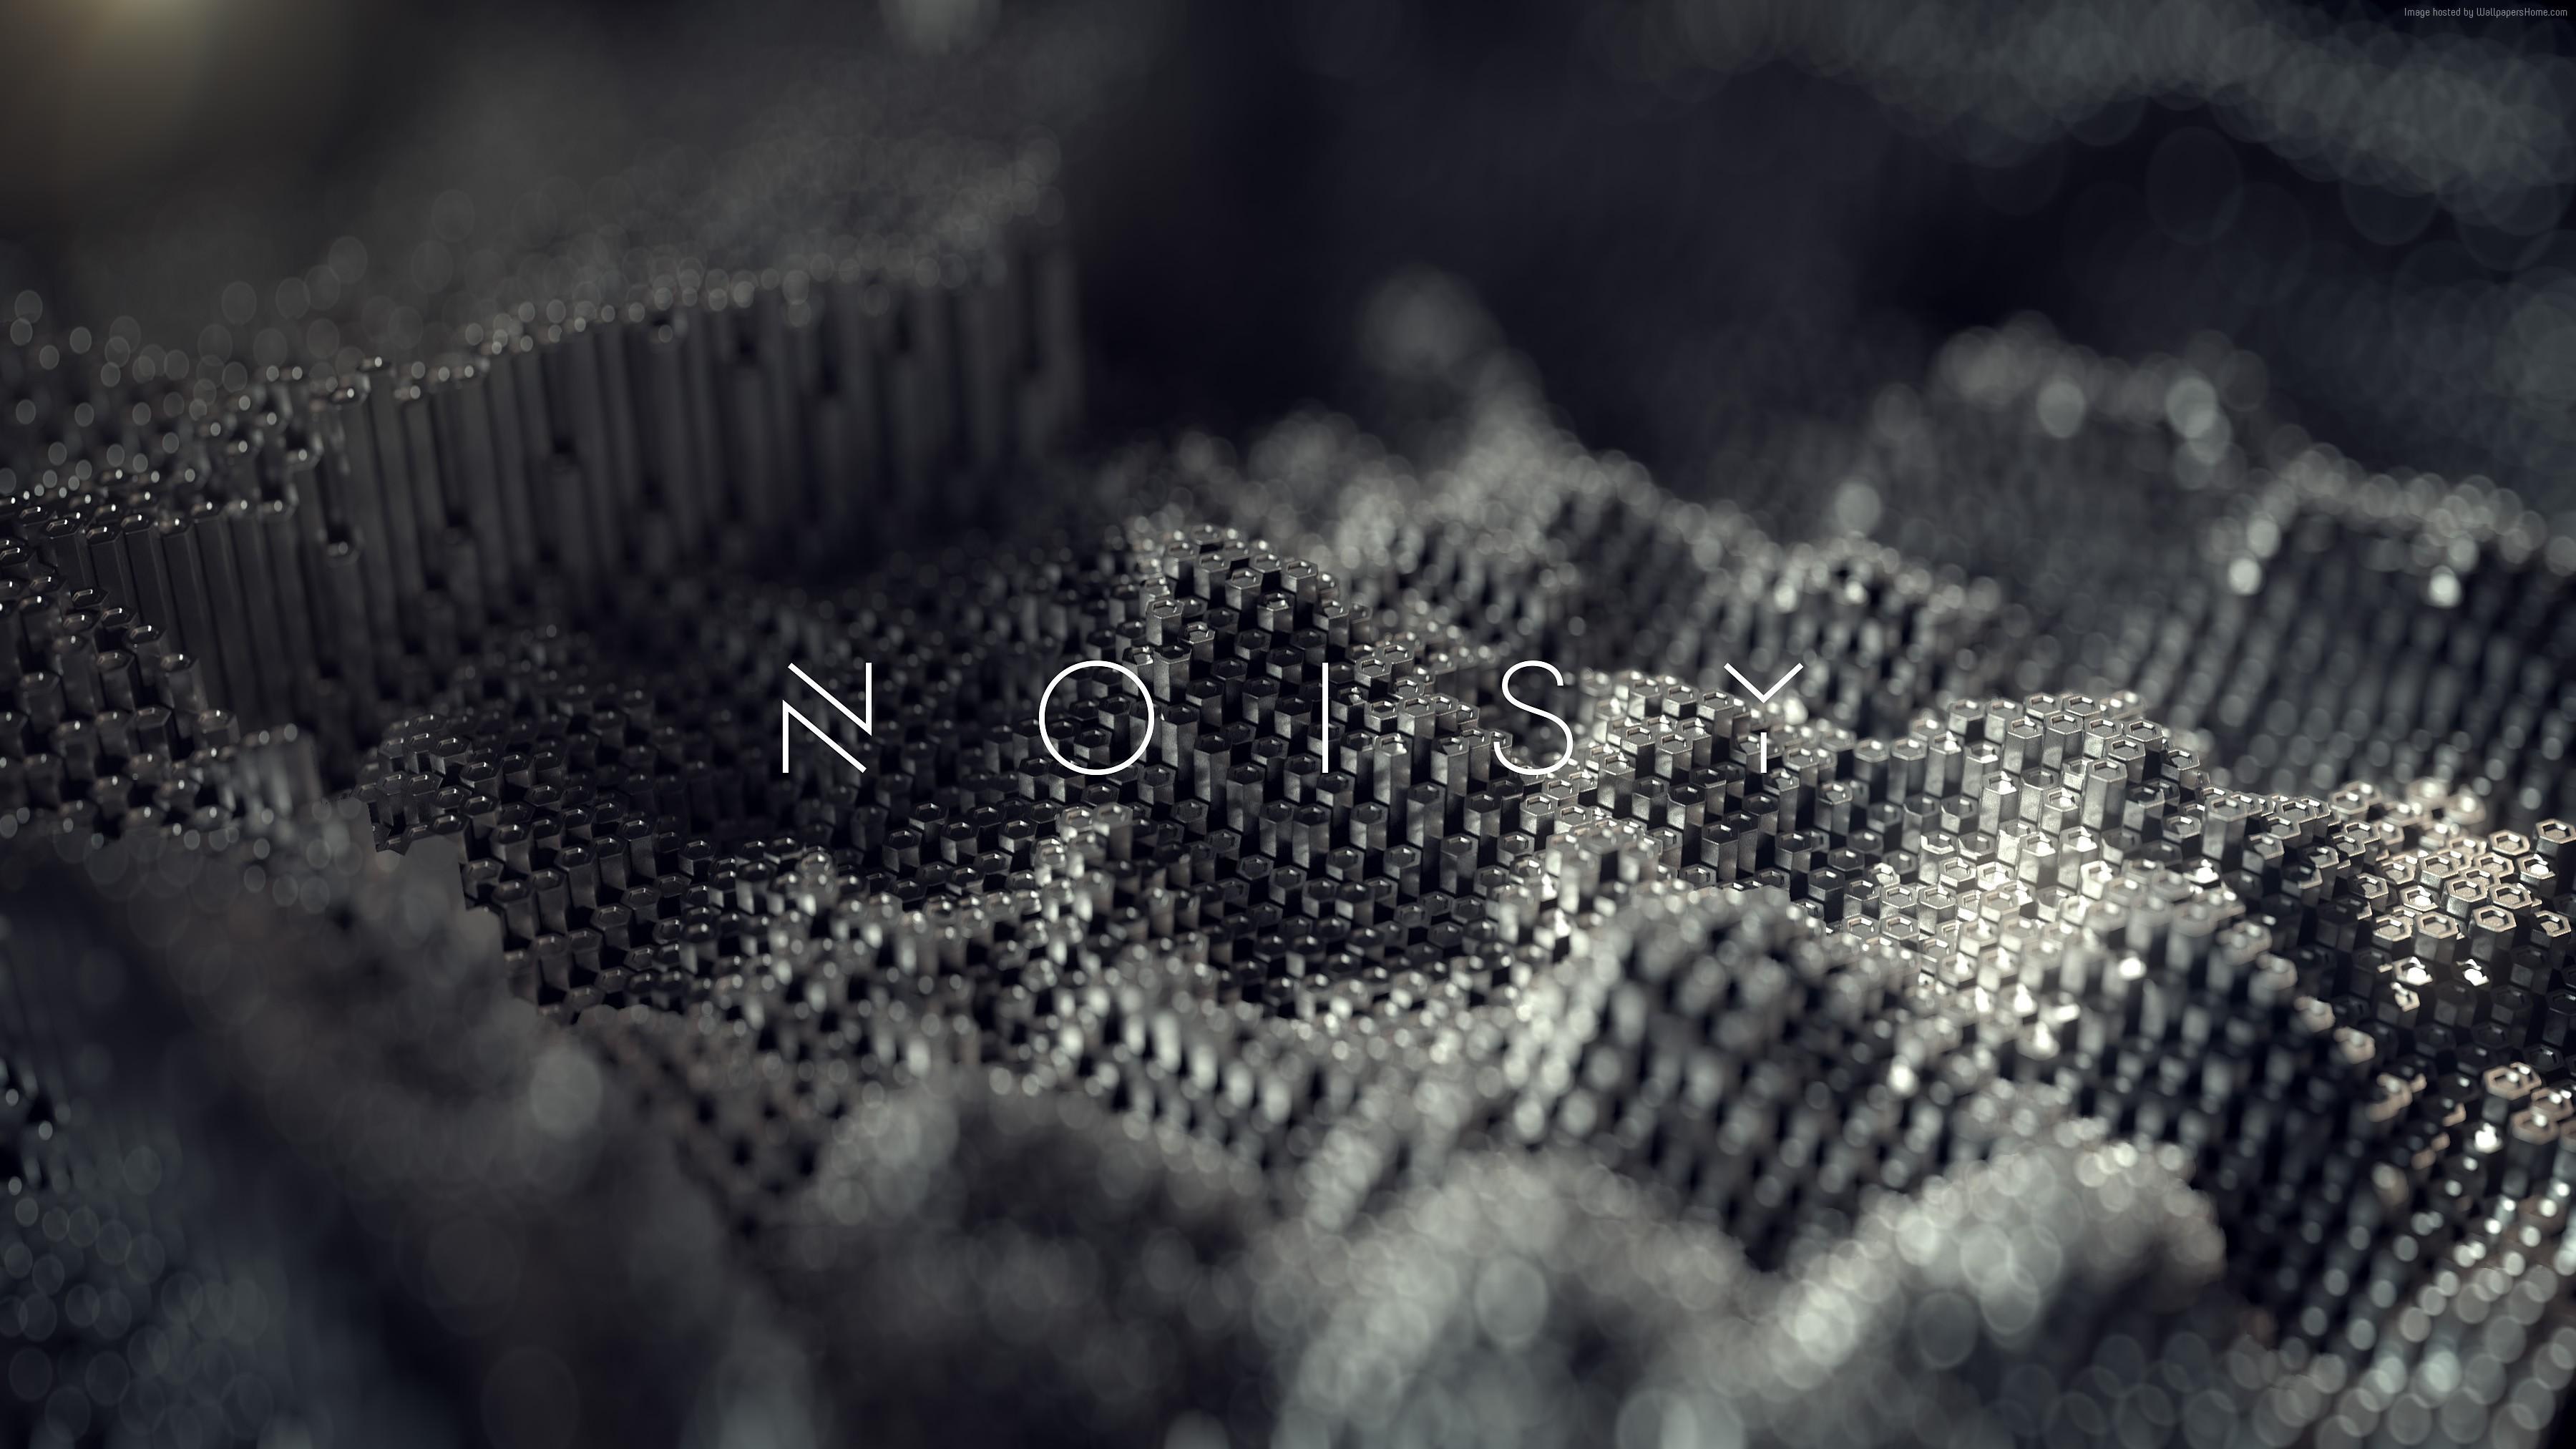 noisy, hd, 5k, 4k wallpaper, abstract, …